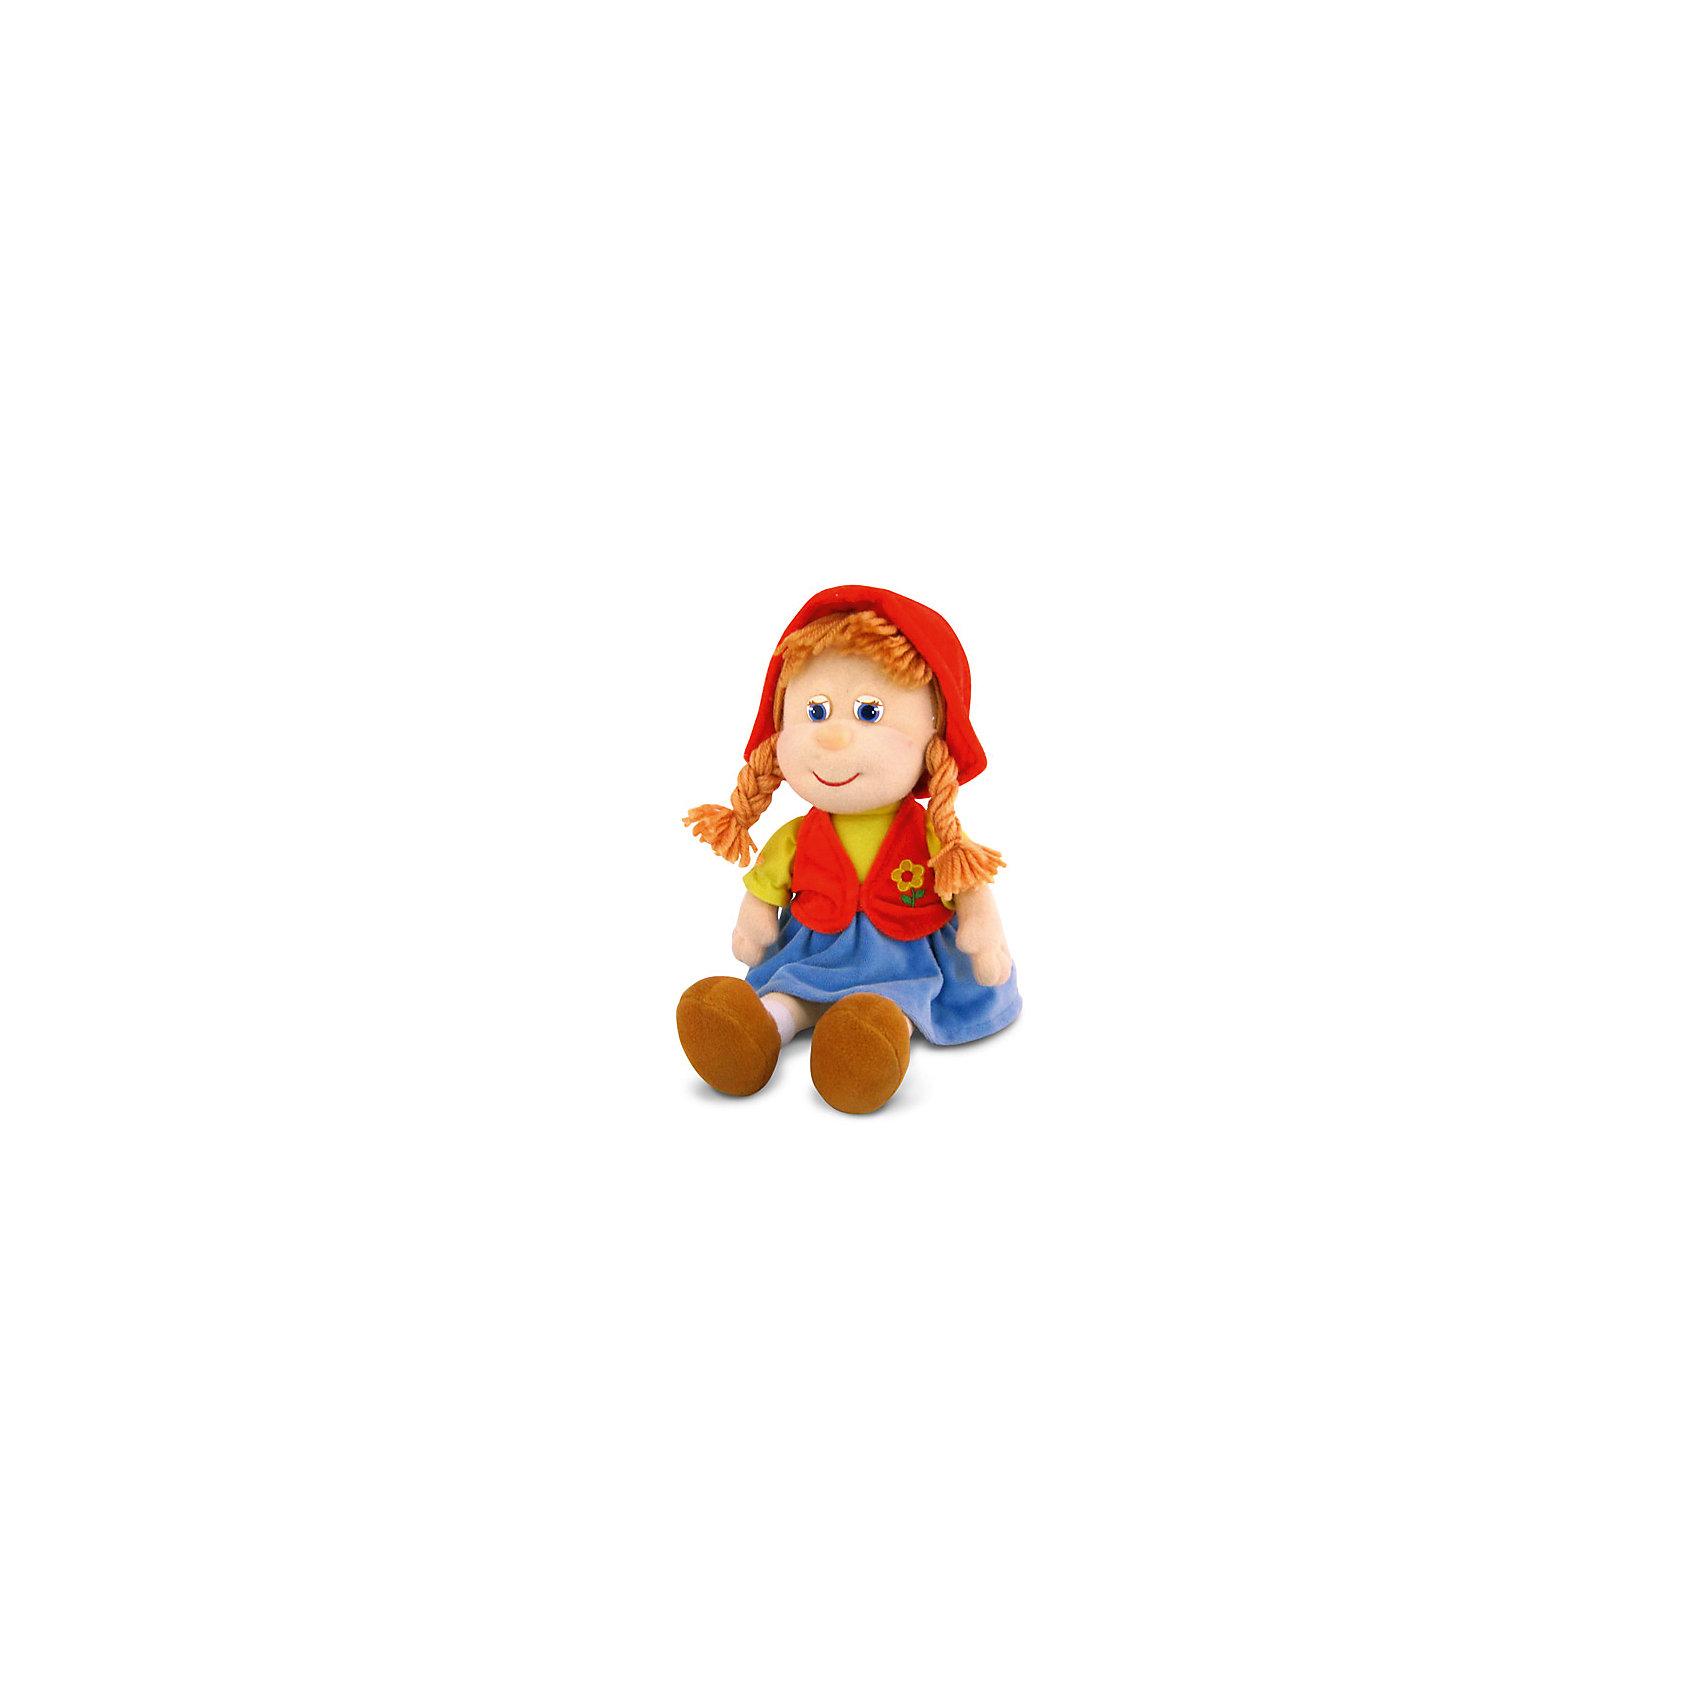 Красная шапочка, музыкальная, LAVAМягкие куклы<br>Любимая героиня известной сказки теперь в виде замечательной мягкой игрушки! Красная шапочка споет девочке песенку и обязательно позабавит малышку. Волосы куклы изготовлены из ниток, они не запутаются, не требуют постоянного расчесывания, поэтому их удобно заплетать даже самым маленьким девочкам. Игрушка выполнена из высококачественного гипоаллергенного материала, очень приятна на ощупь, абсолютно безопасна для детей.  <br><br>Дополнительная информация:<br><br>- Материал: текстиль, синтепон, пластик.<br>- Высота: 25 см. <br>- Поет песенку. <br>- Элемент питания: батарейка (в комплекте).<br><br>Красную шапочку, музыкальную, LAVA (ЛАВА) можно купить в нашем магазине.<br><br>Ширина мм: 150<br>Глубина мм: 150<br>Высота мм: 230<br>Вес г: 276<br>Возраст от месяцев: 36<br>Возраст до месяцев: 1188<br>Пол: Женский<br>Возраст: Детский<br>SKU: 4444144